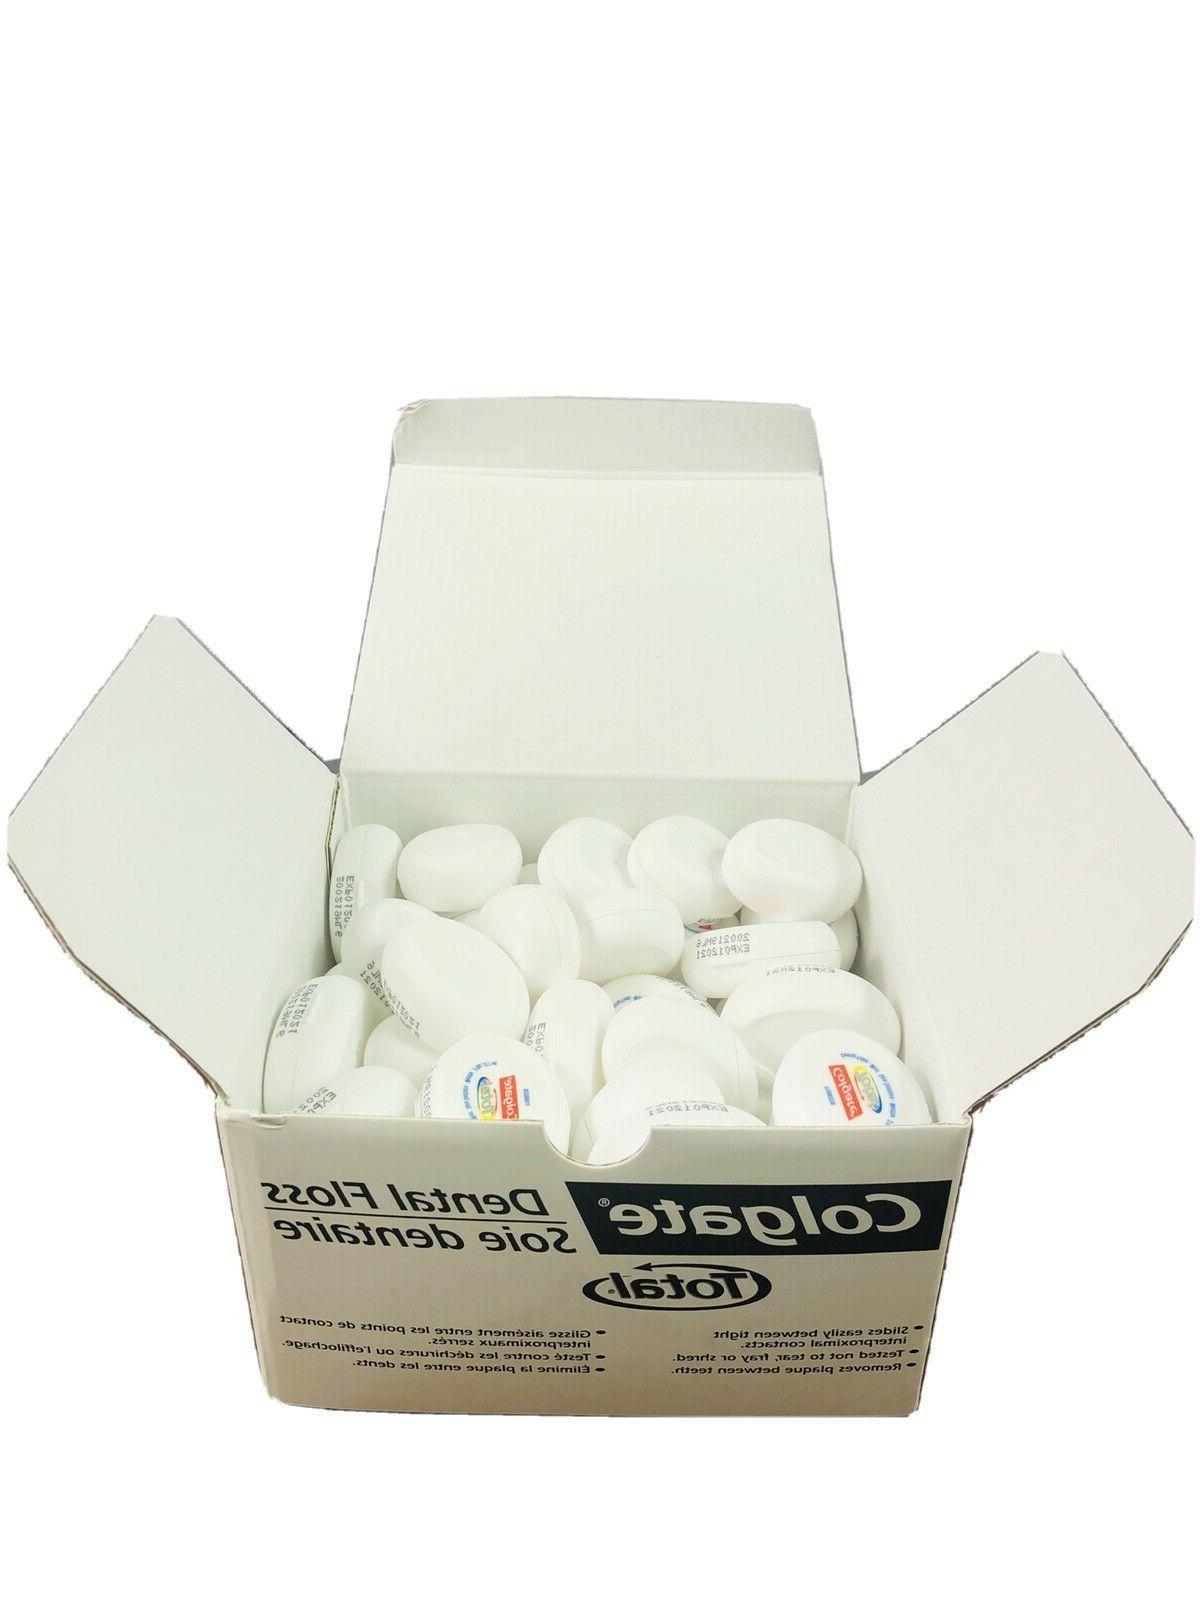 72 total mint dental floss travel sample